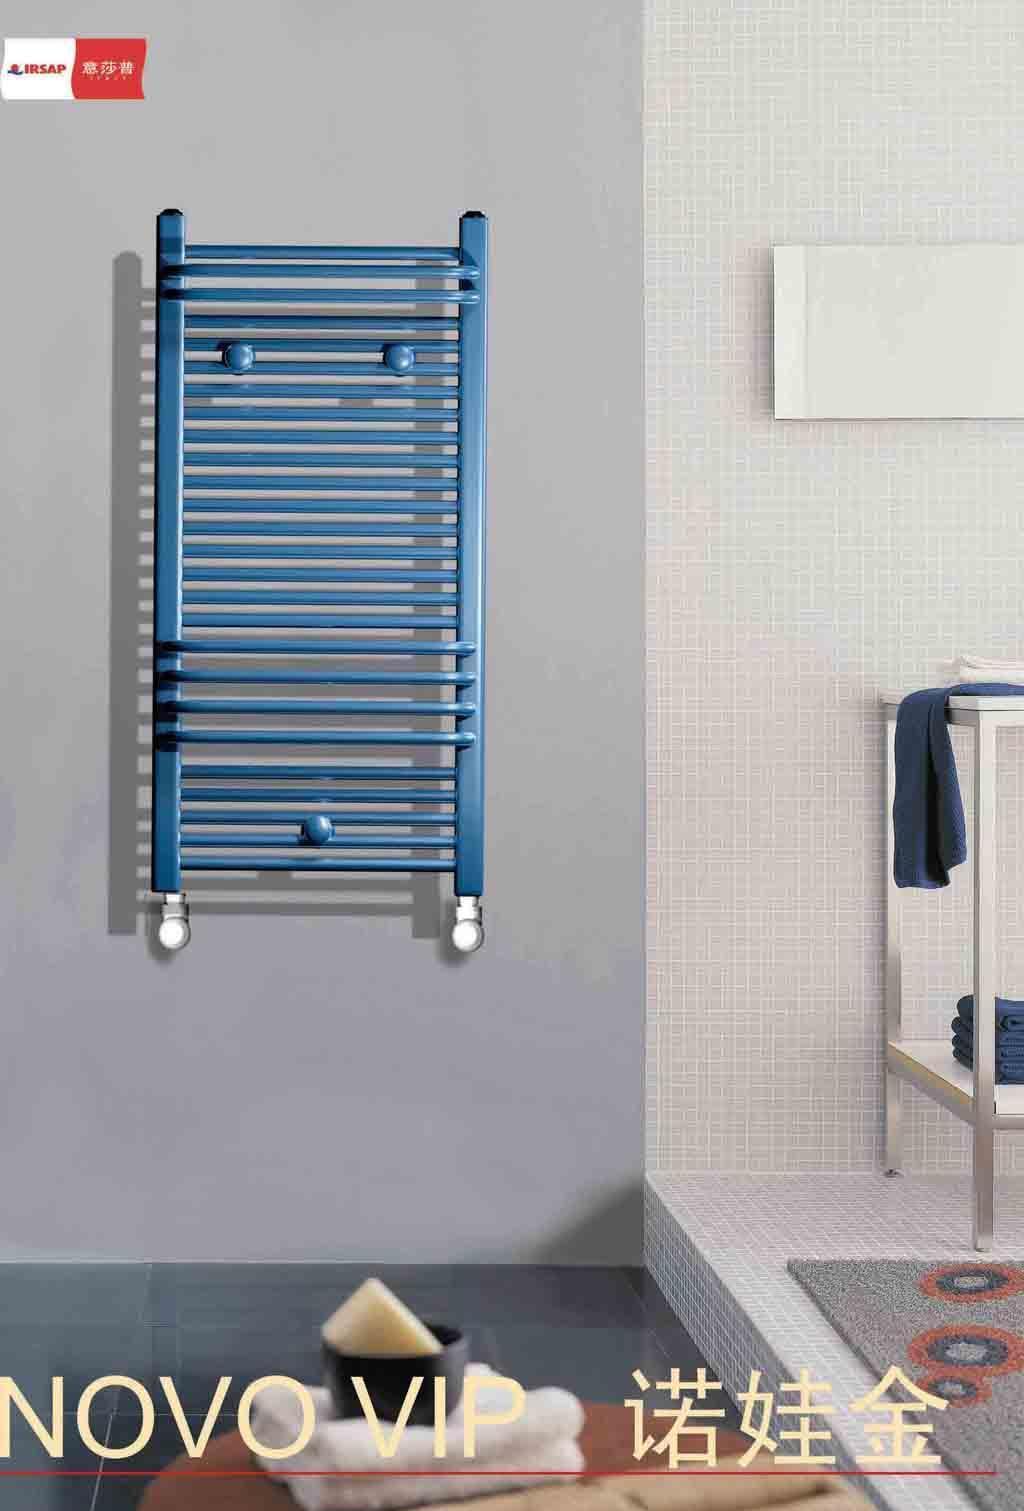 意莎普卫浴系列散热器诺娃金.NVP618NVP618